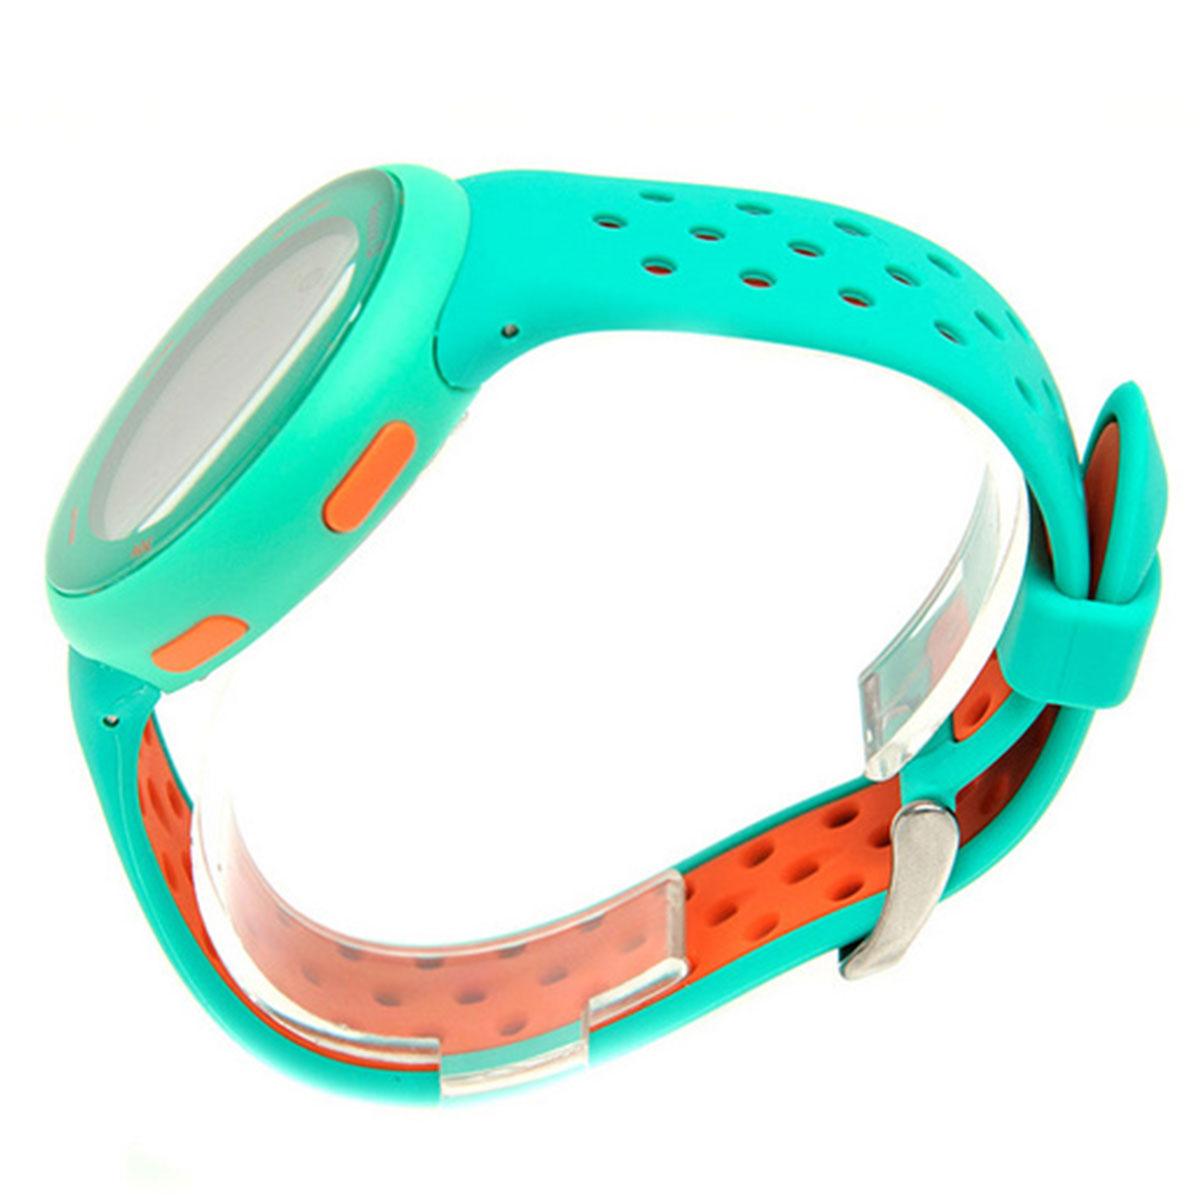 ساعت مچی دیجیتال مردانه ریباک مدل RD-ELE-G9-PMIM-SM             قیمت